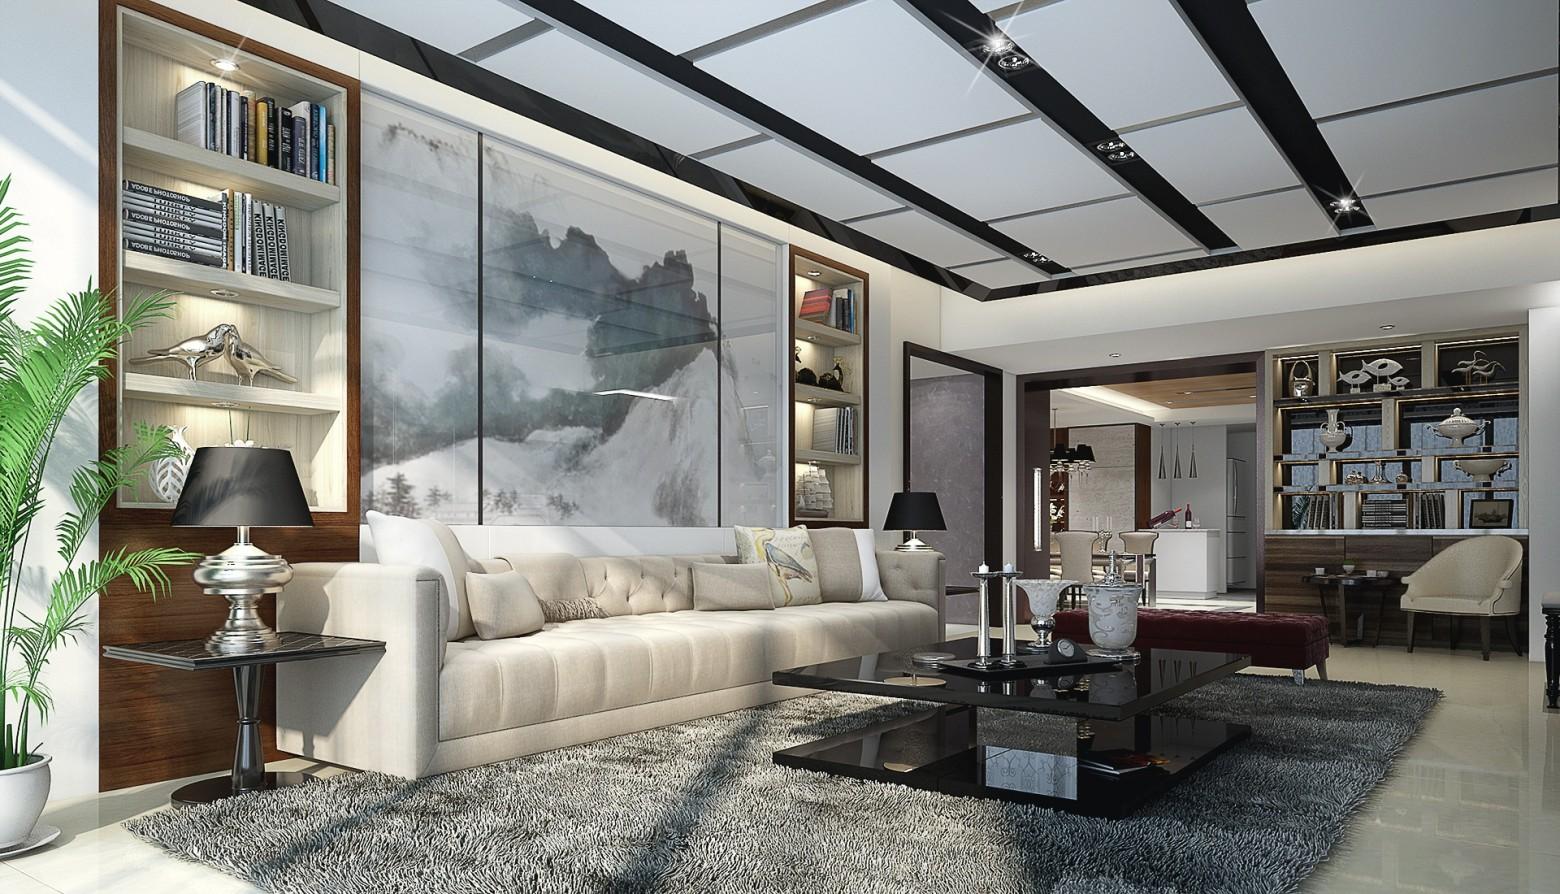 maison intérieur salon design moderne en 3d images gratuites ...